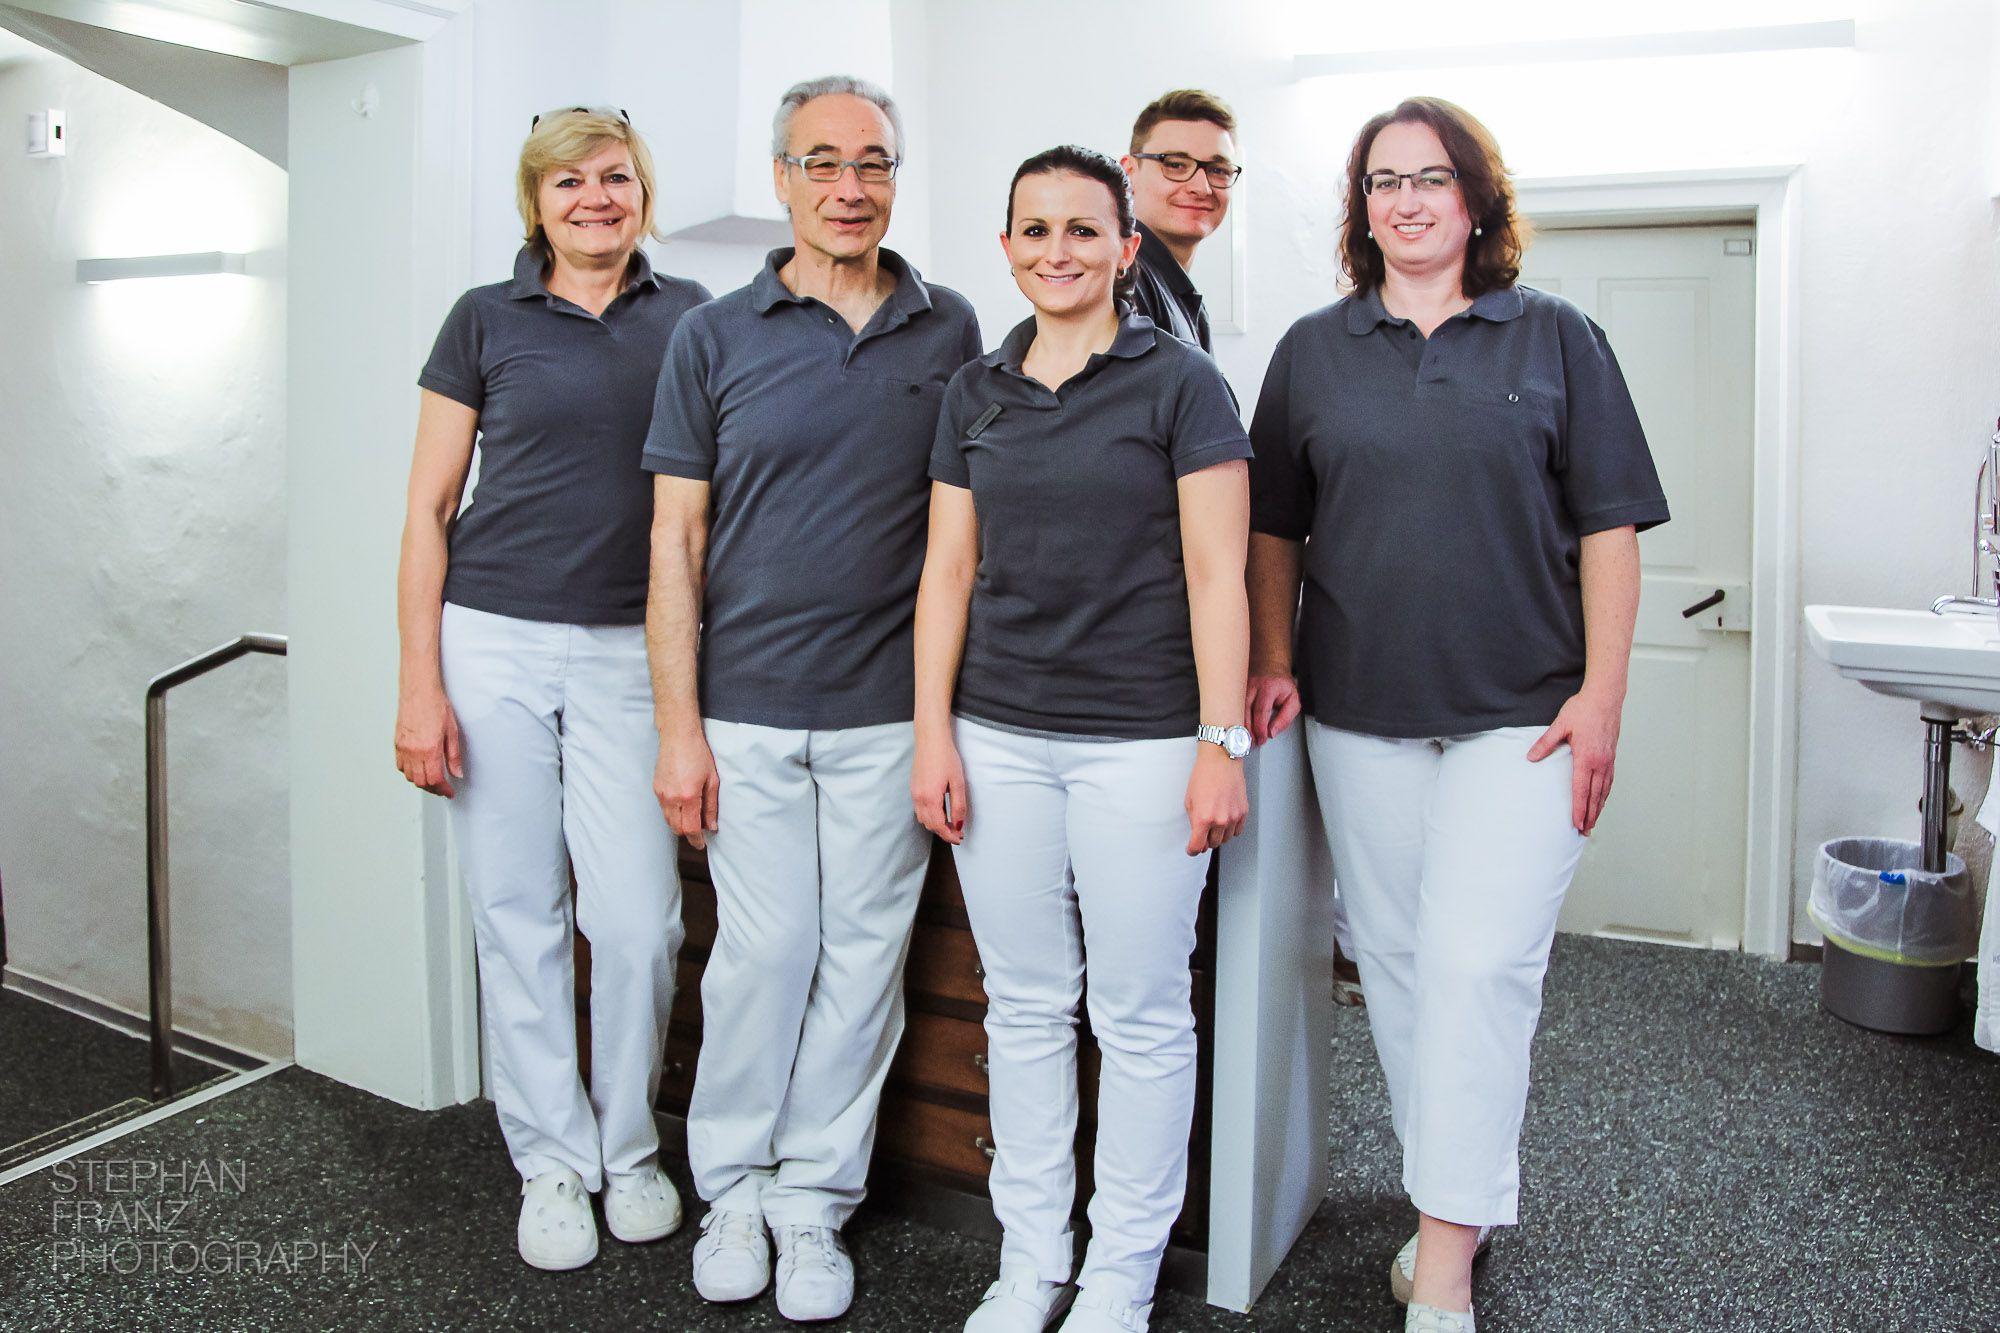 podologie-praxis-rosenheim-stephan-franz-photography-fotograf-4